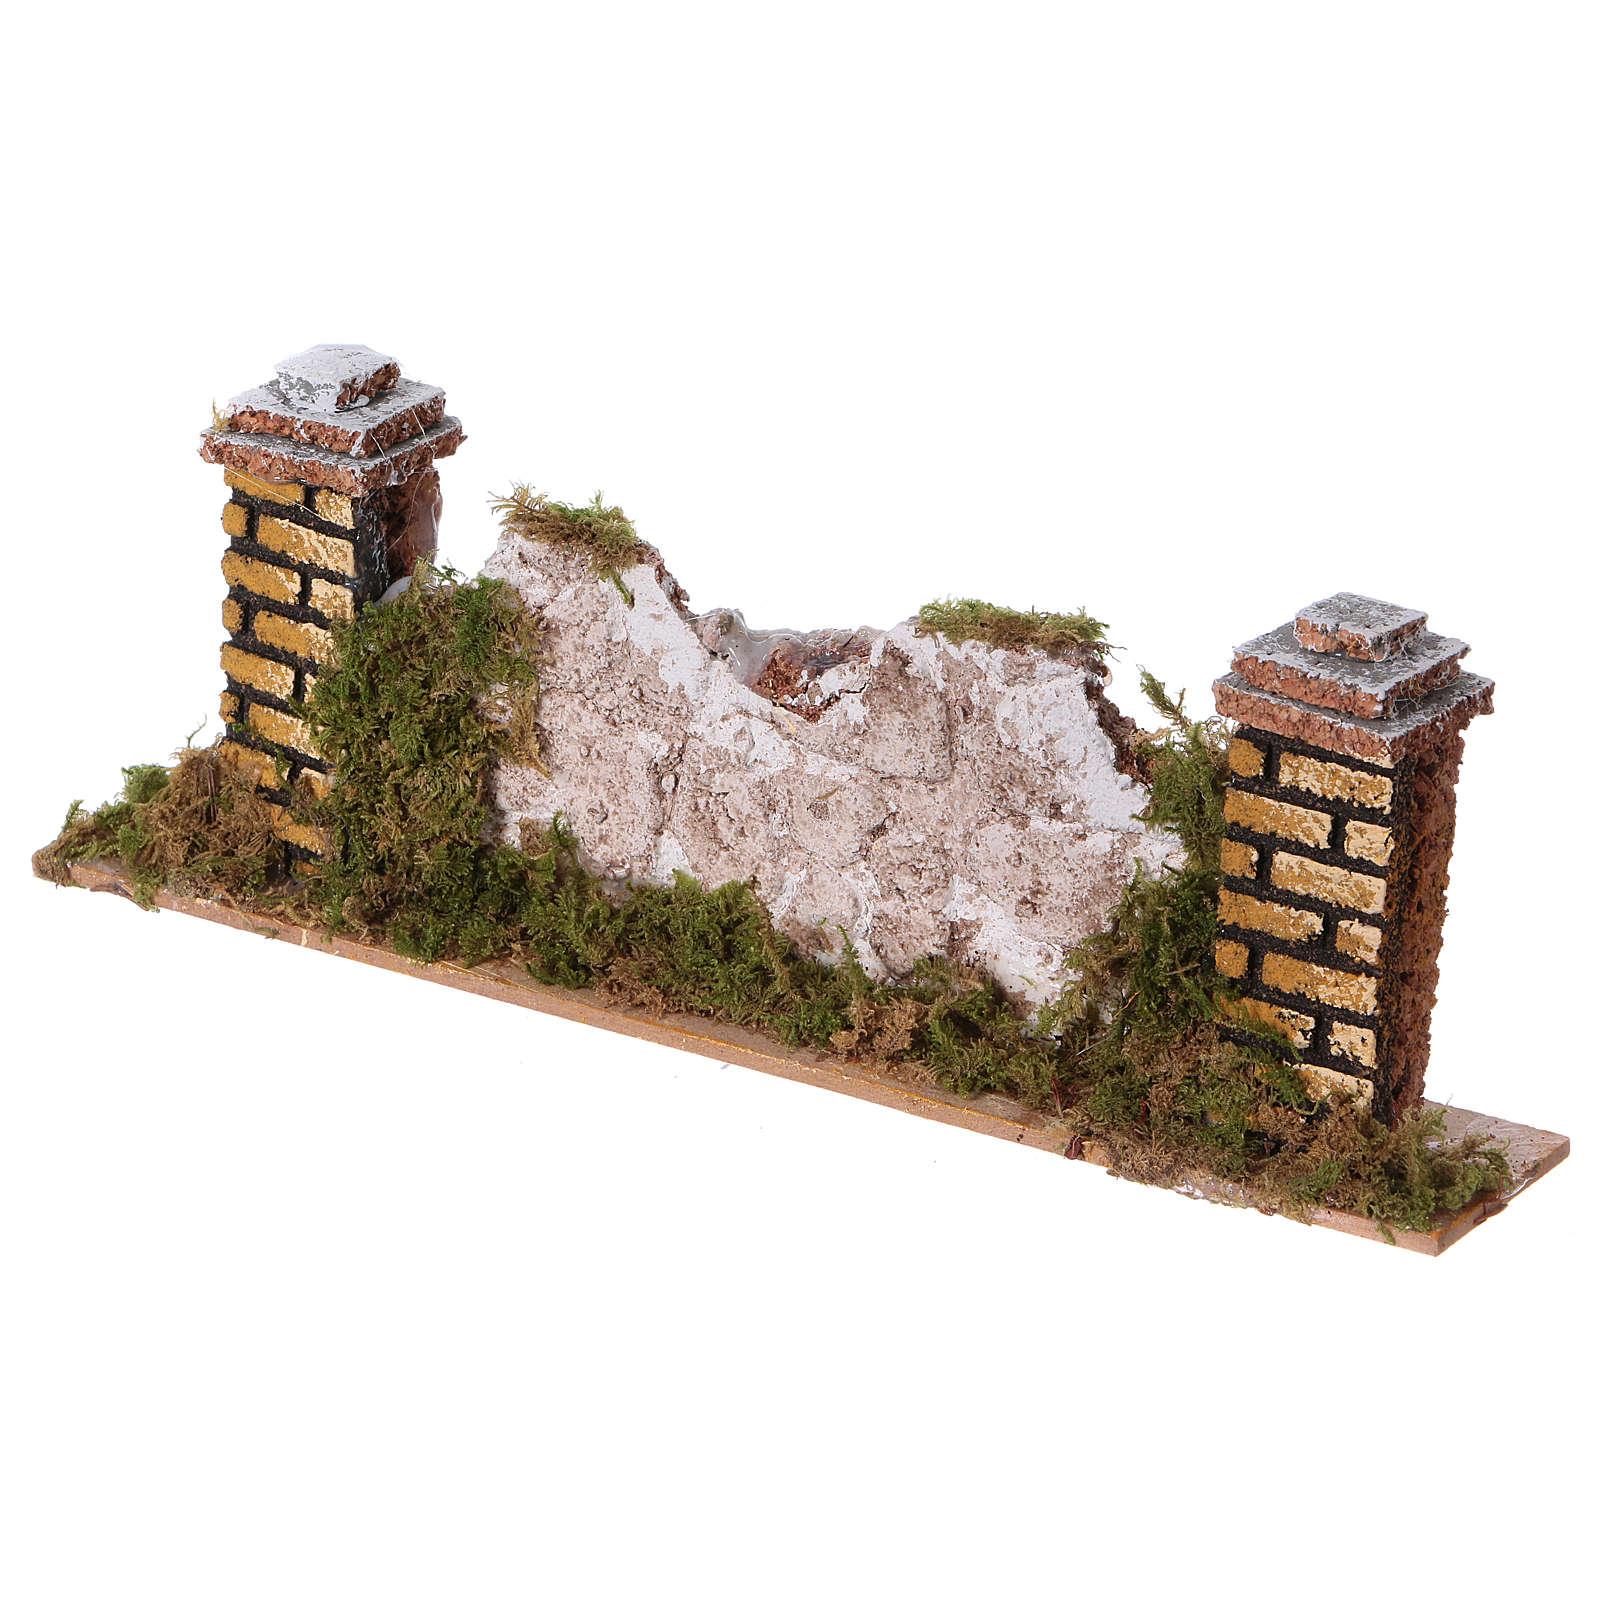 Krippenszene Mäuerchen mit Steinen 20x3,5x6,5 cm 4